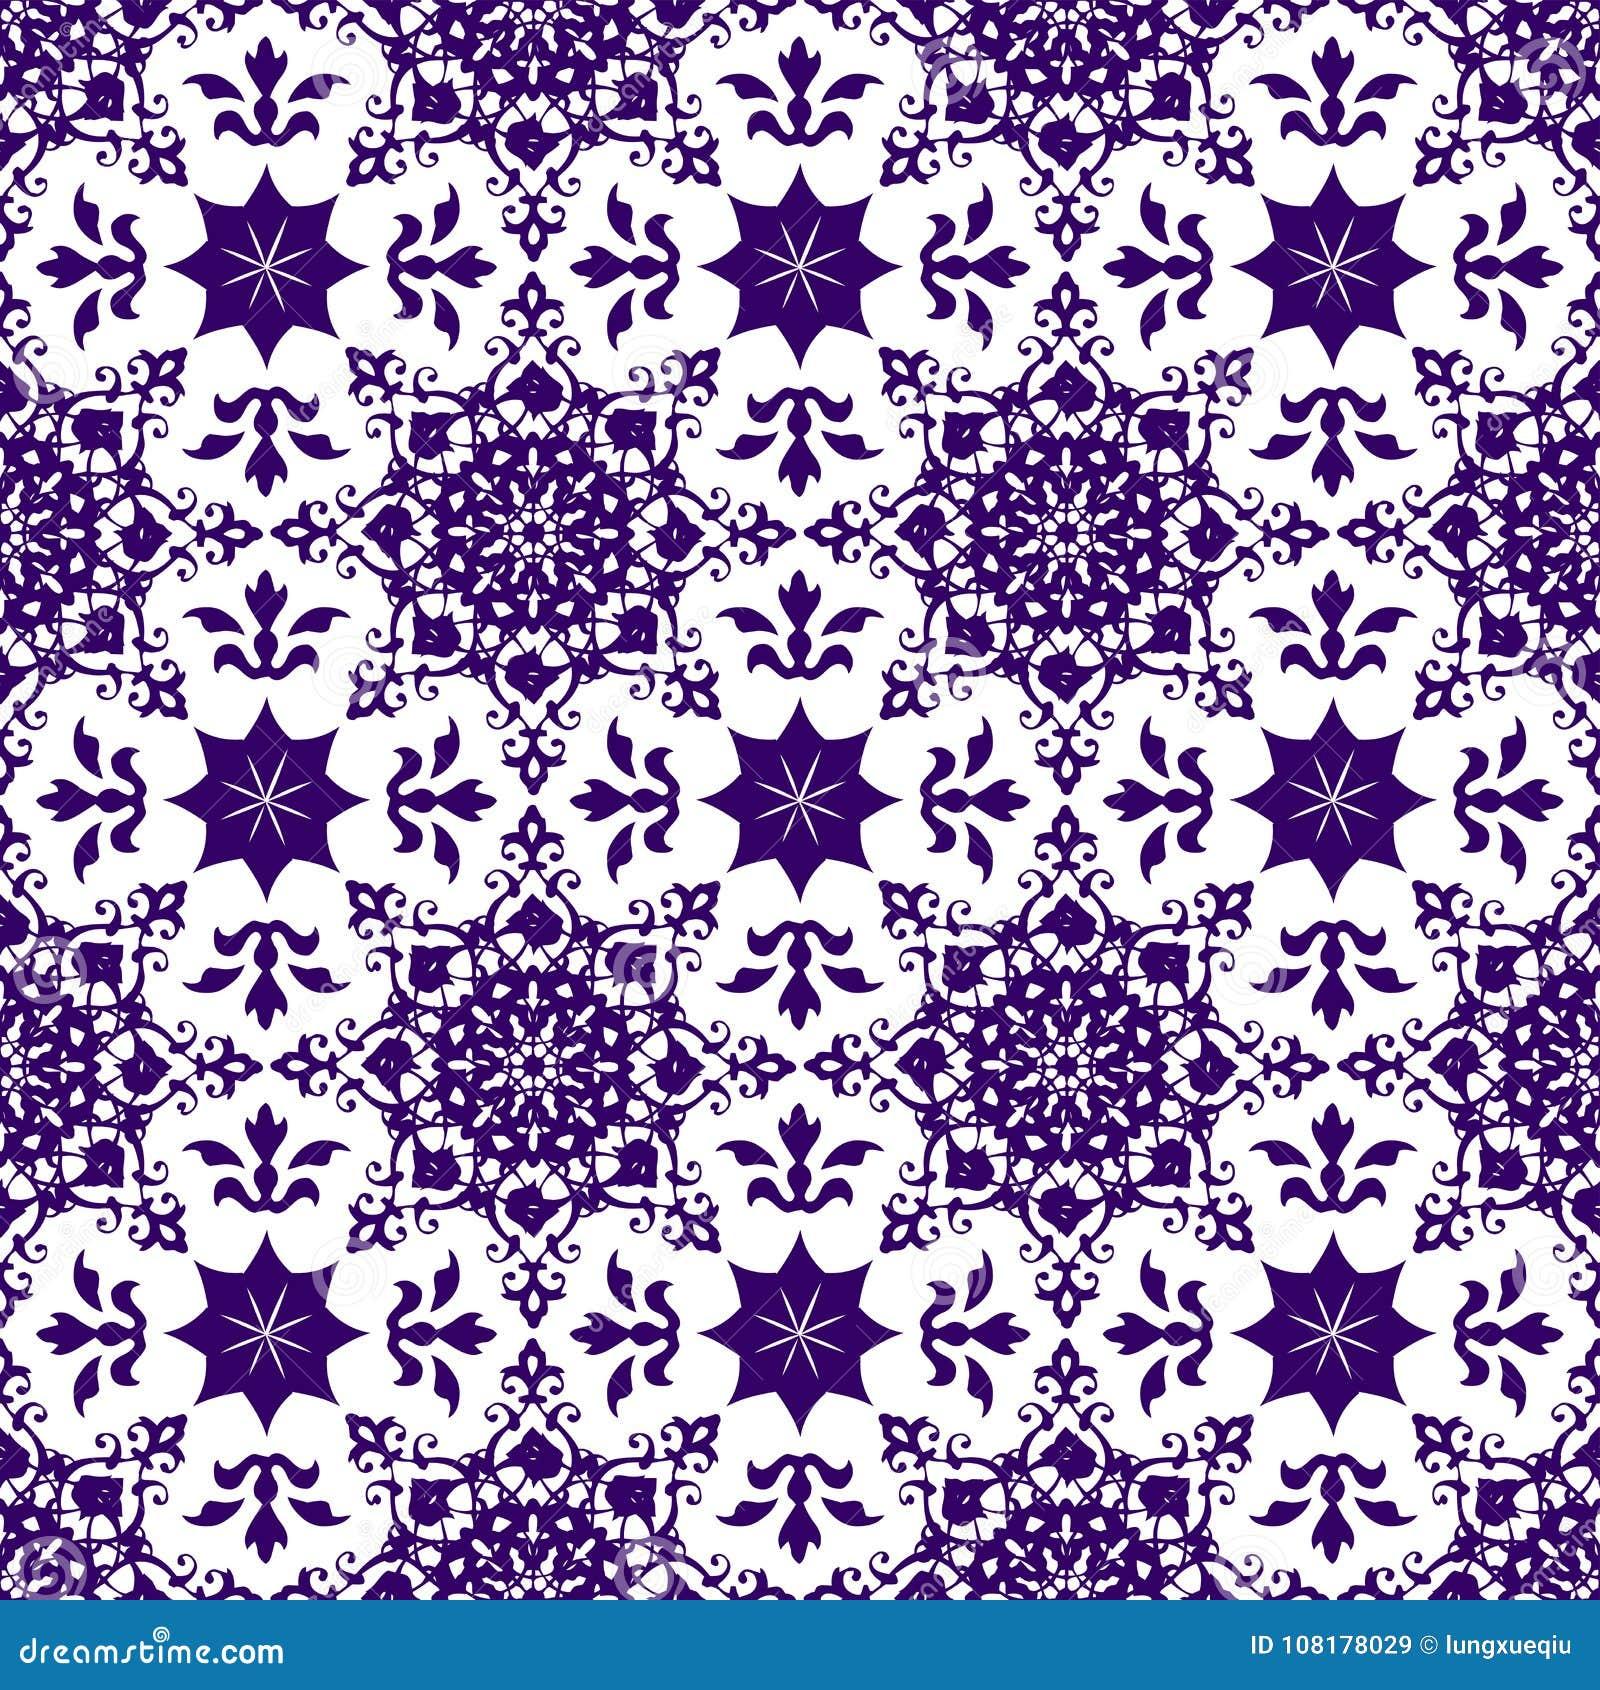 装饰东方抽象花卉无缝的葡萄酒阿拉伯中国透明蓝色样式纹理墙纸